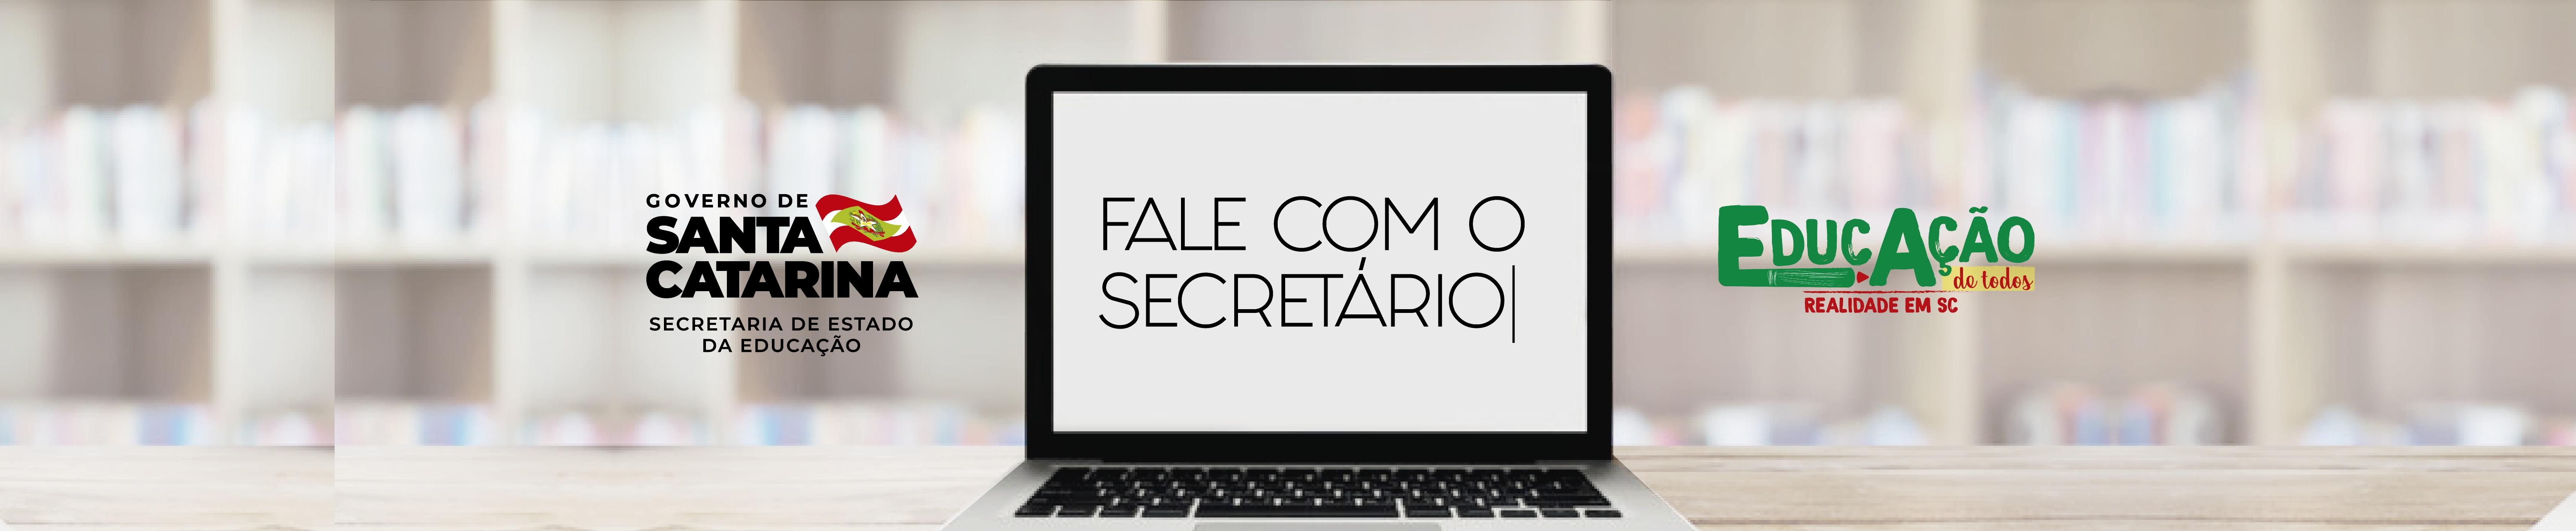 Banners_arrumados_Fale_com_o_secretrio